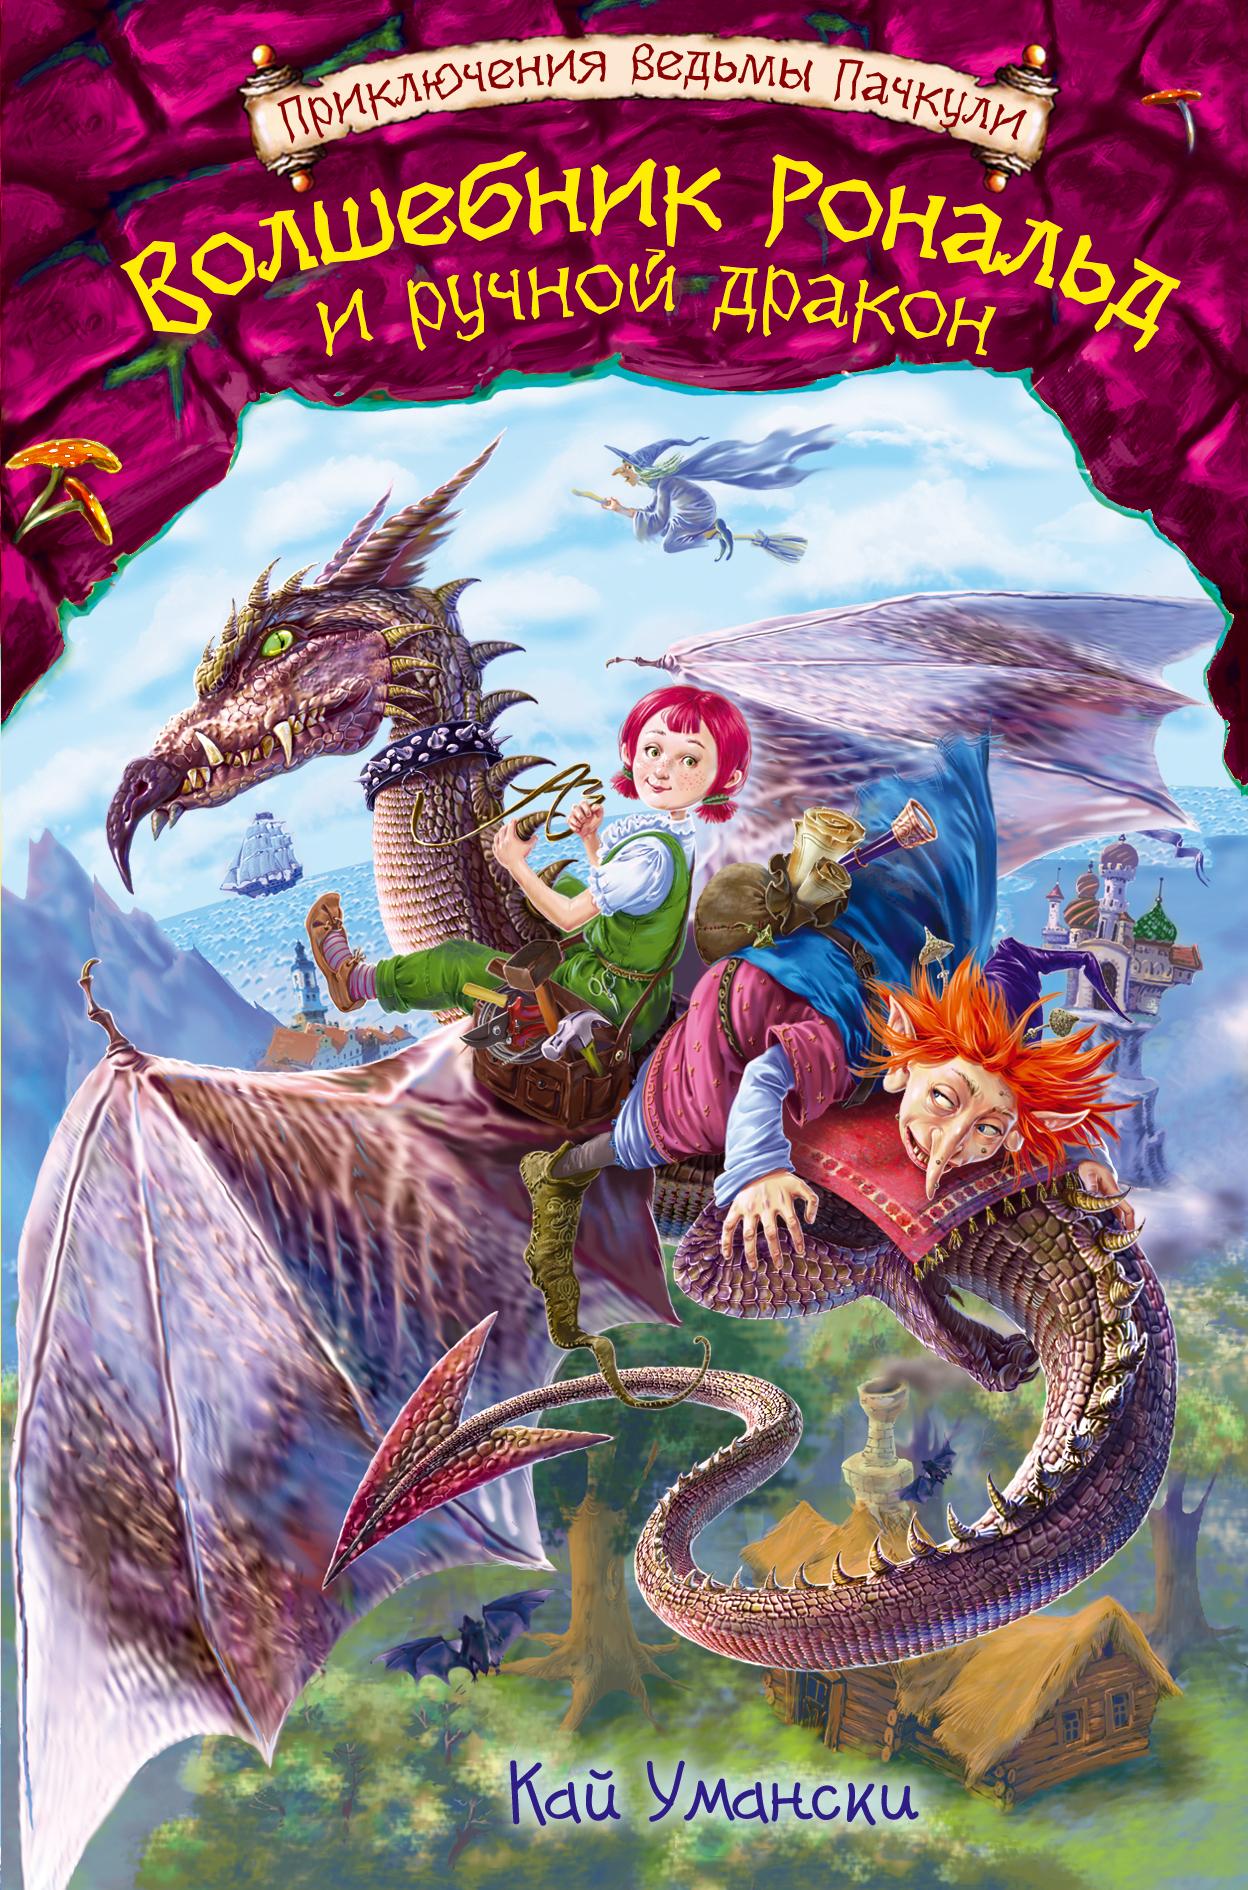 Волшебник Рональд и ручной дракон